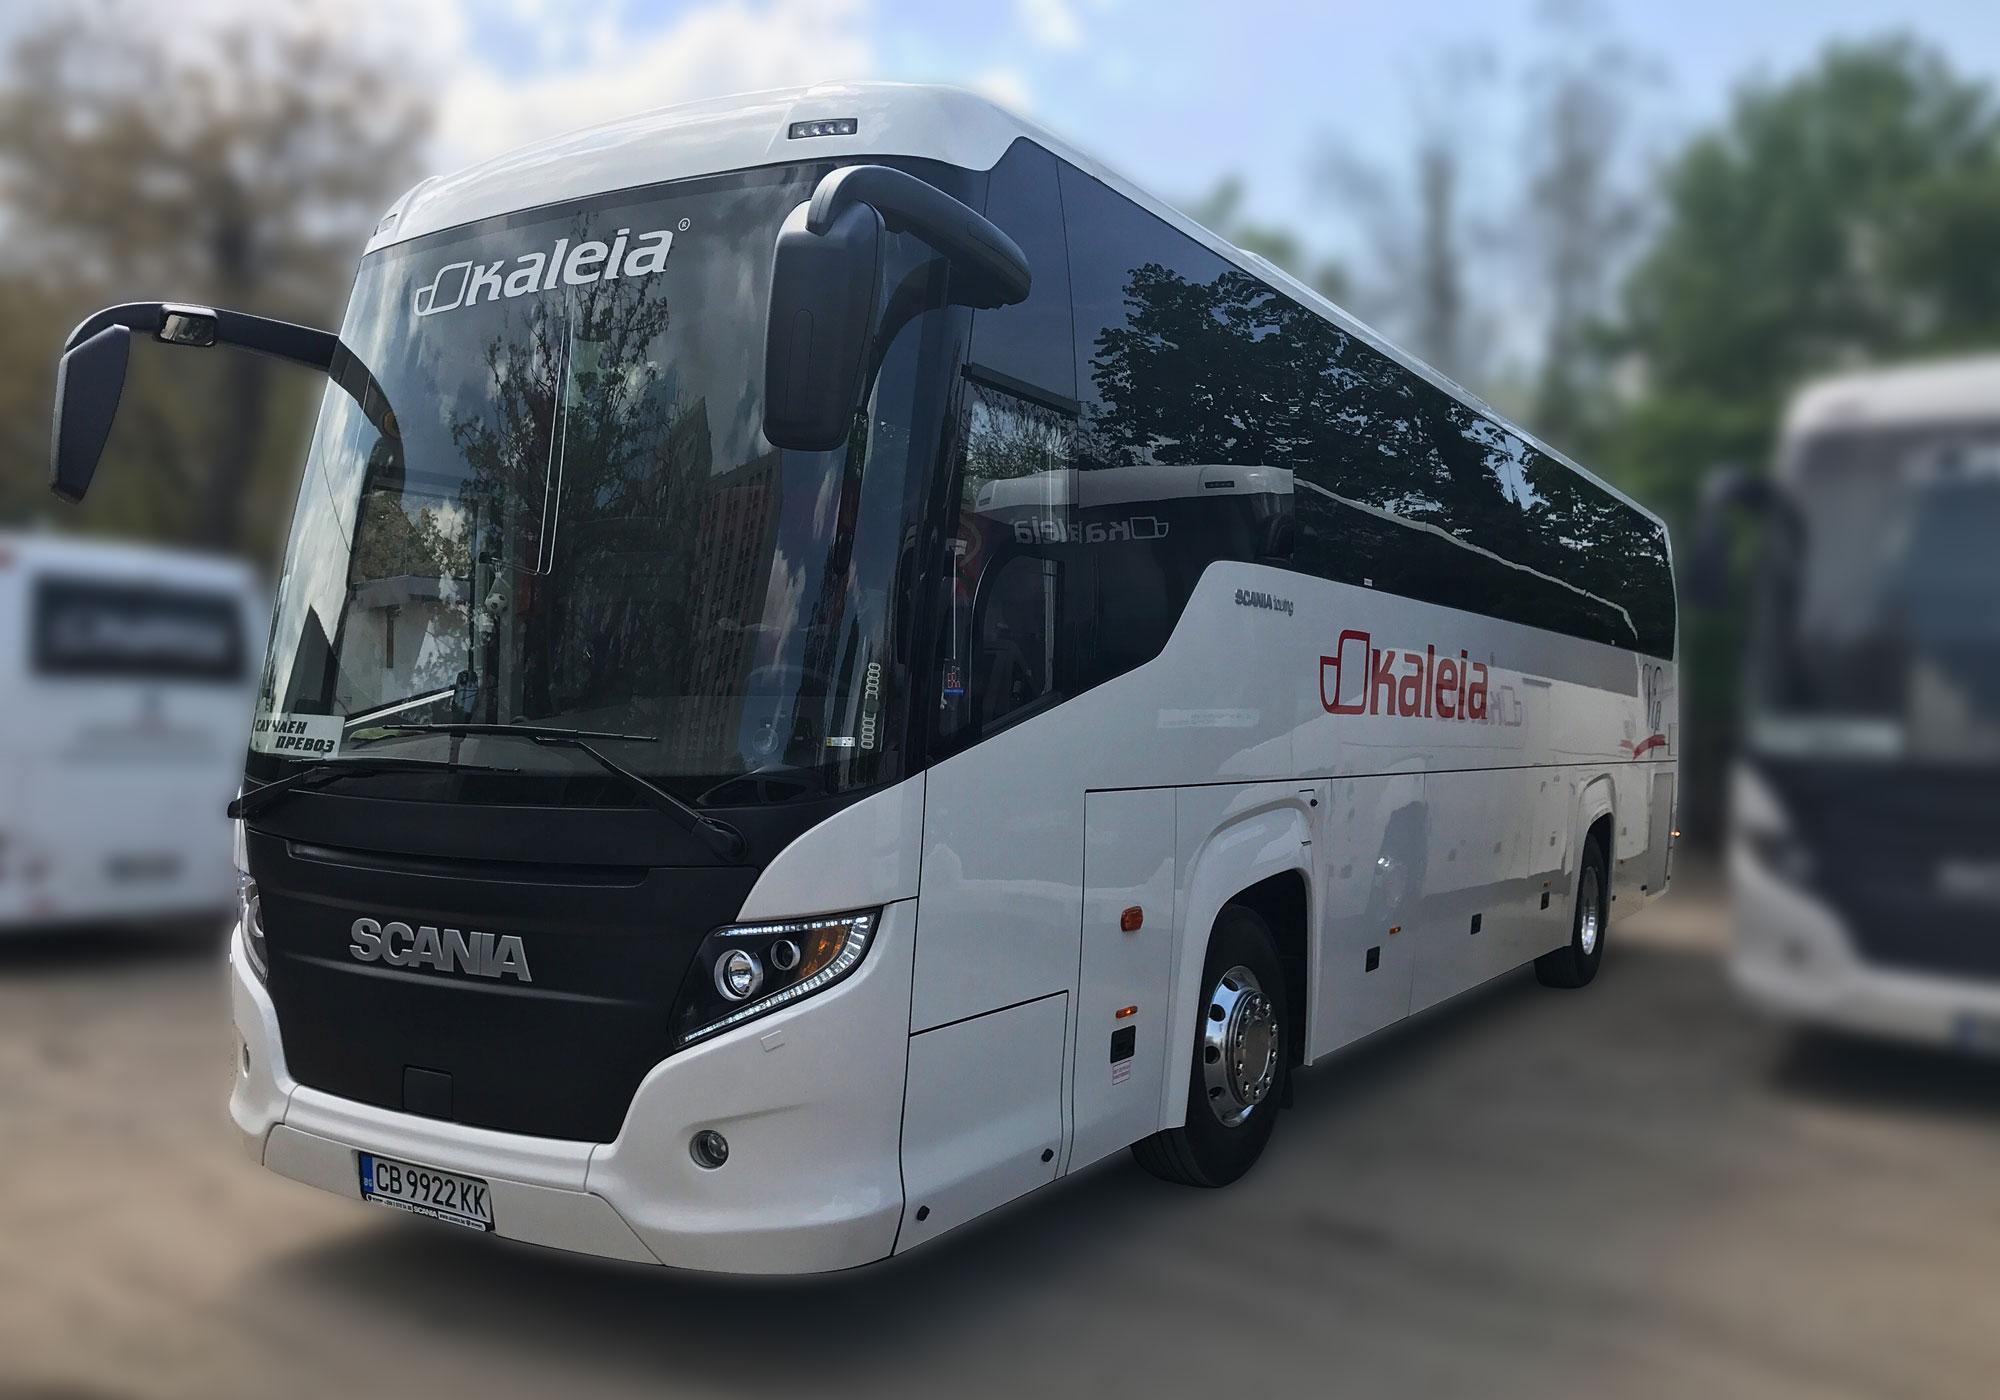 Scania Touring VIP 2017